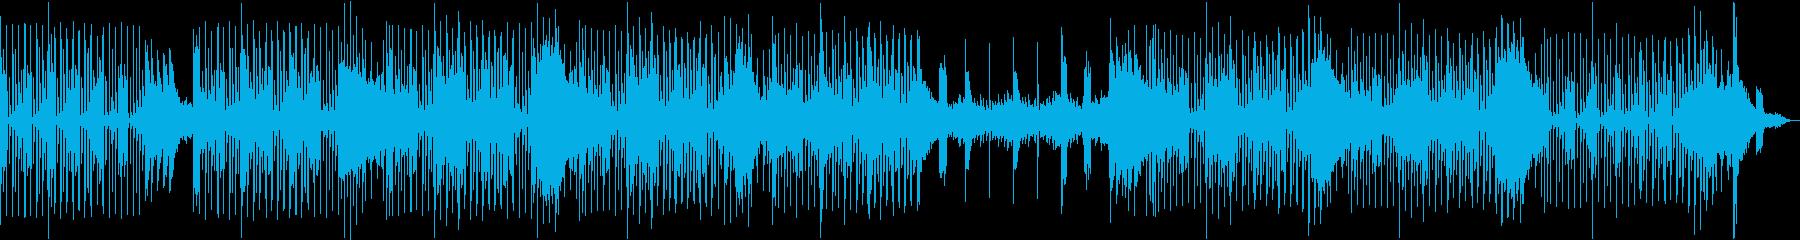 アンビエント サスペンス アクショ...の再生済みの波形